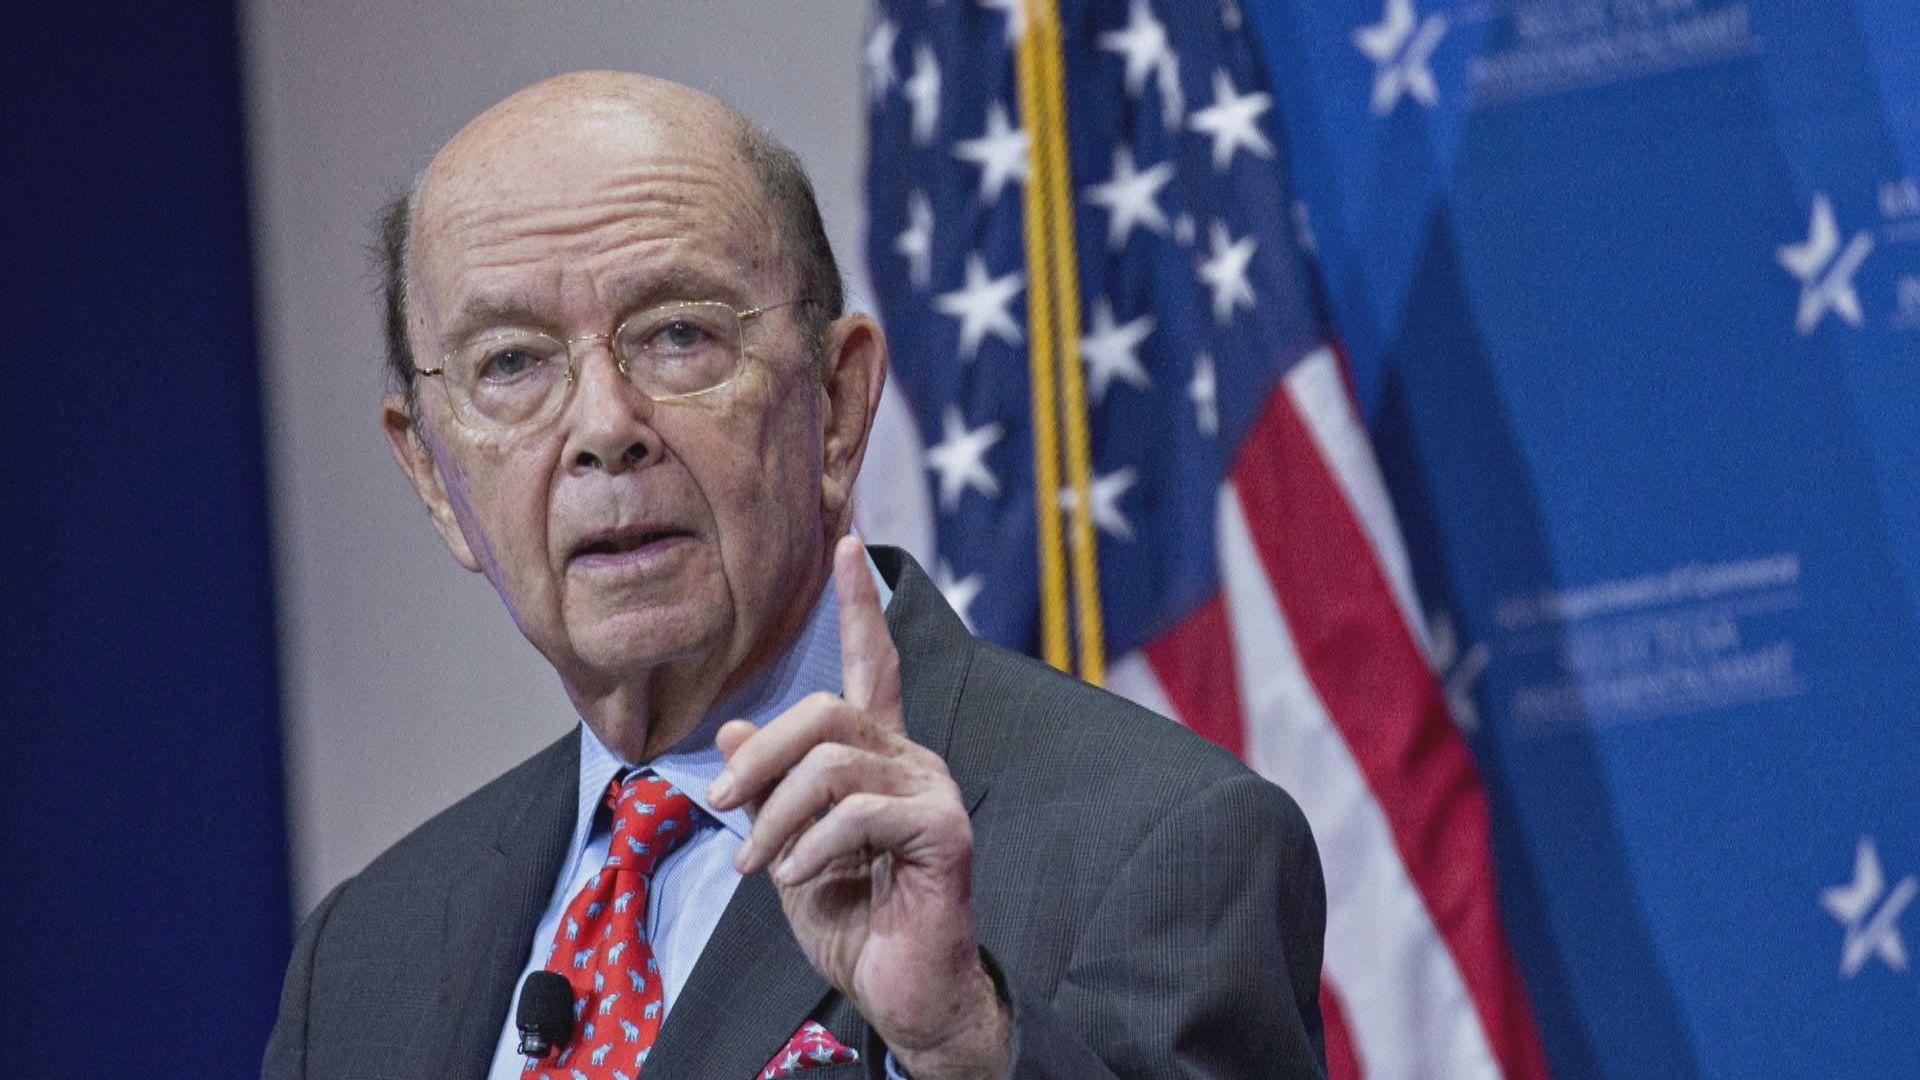 羅斯:押後對中國貨加徵關稅並非對中國讓步